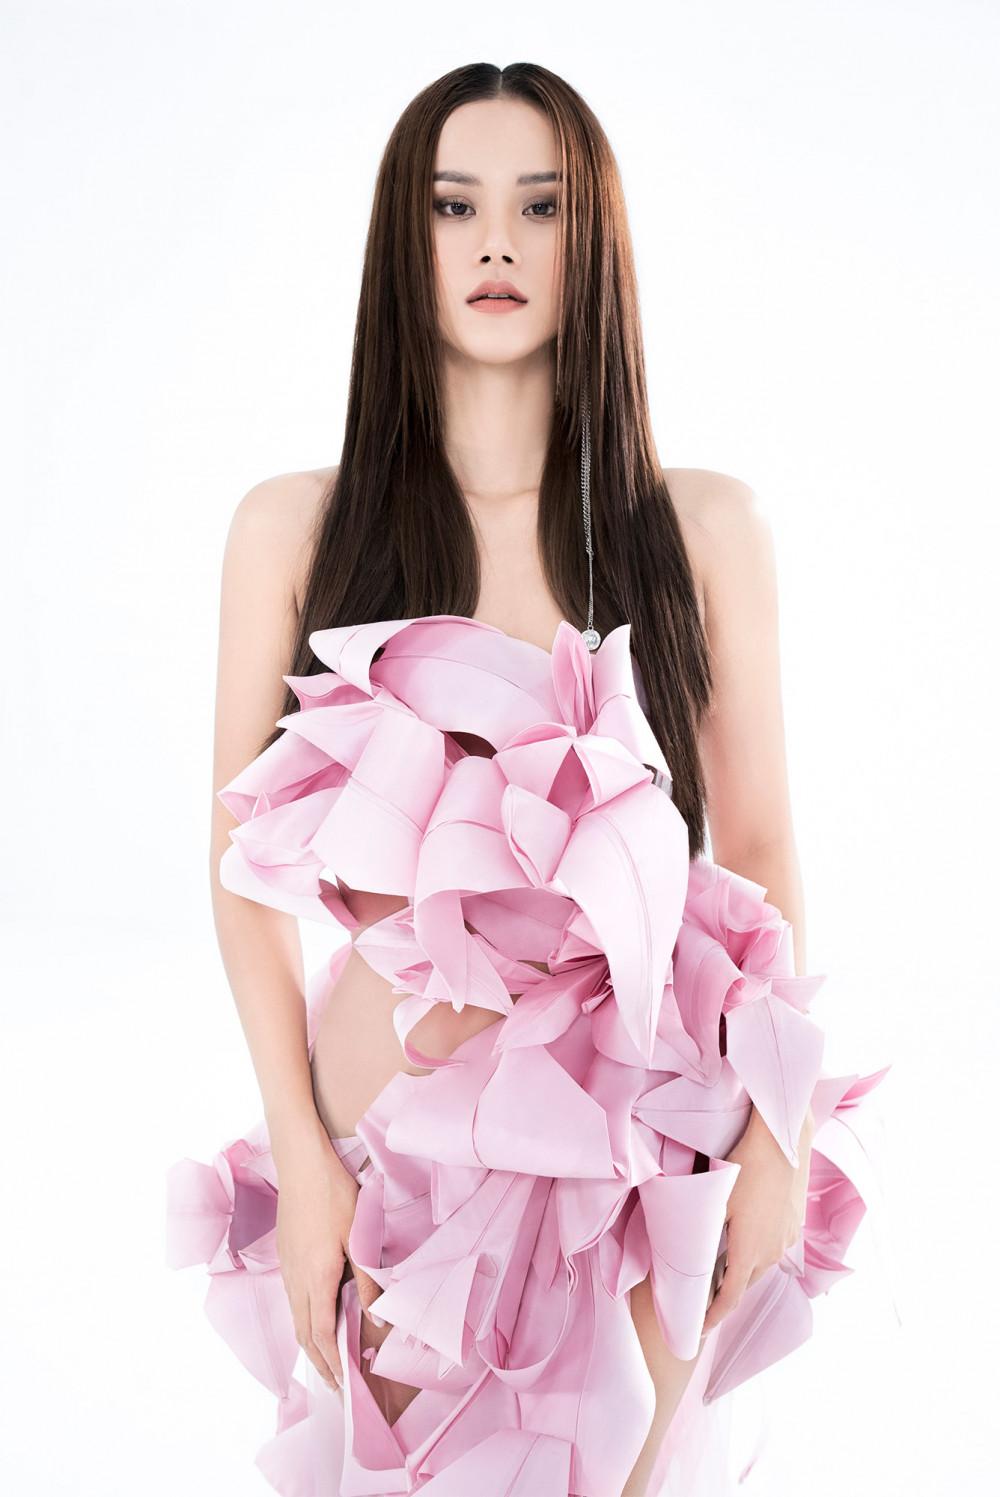 Thiết kế đầm mô phỏng hoa ly được làm bằng kỹ thuật gấp giấy origami và bằng chất liệu vải taffeta - một trong những chất liệu vải đặc trưng xuyên suốt các BST từ trước tới giờ của Trần Hùng khiến người xem ấn tượng. NTK Trần Hùng chia sẻ: Điều thú vị là chỉ có một mình nhưng Hương Ly phải thay đổi nhiều phong cách , biểu cảm và tạo dáng biến hoá để mang đến sự đa dạng , thể hiện đúng tinh thần của từng mẫu thiết kế. Cô ấy đã làm trọn vẹn. Hùng đánh giá cao điều này từ Ly